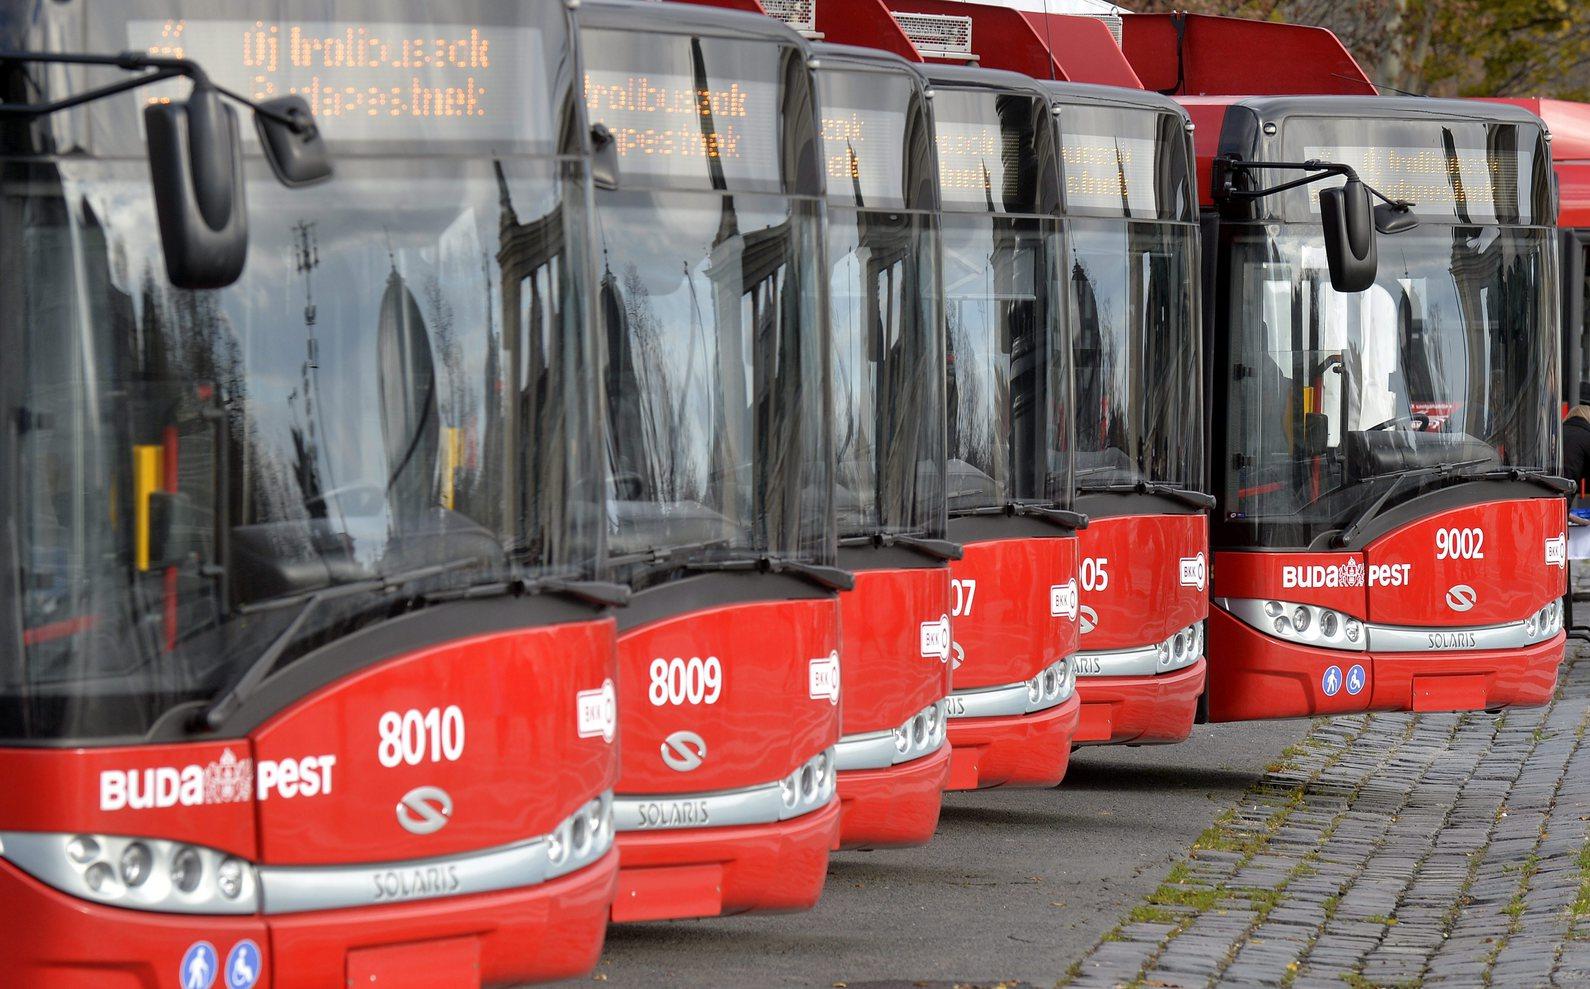 Új Solaris-Skoda trolibuszok a Hősök terén 2015. november 16-án. Délutántól hét ilyen jármű kezdi meg az utasok szállítását a 72-es, a 76-os és a 79-es vonalon. MTI Fotó: Máthé Zoltán